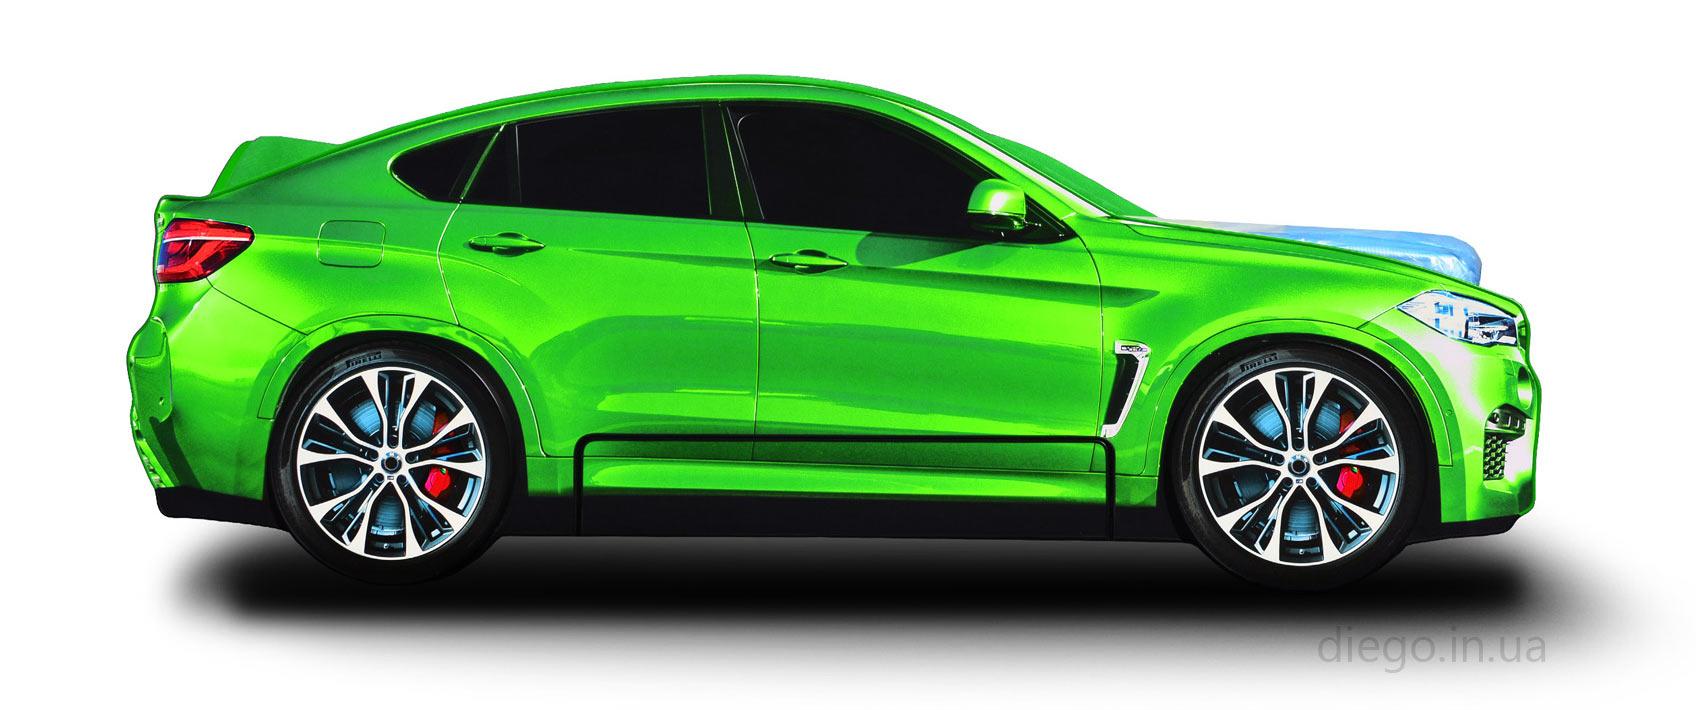 Кровать машина Cross зеленого цвета